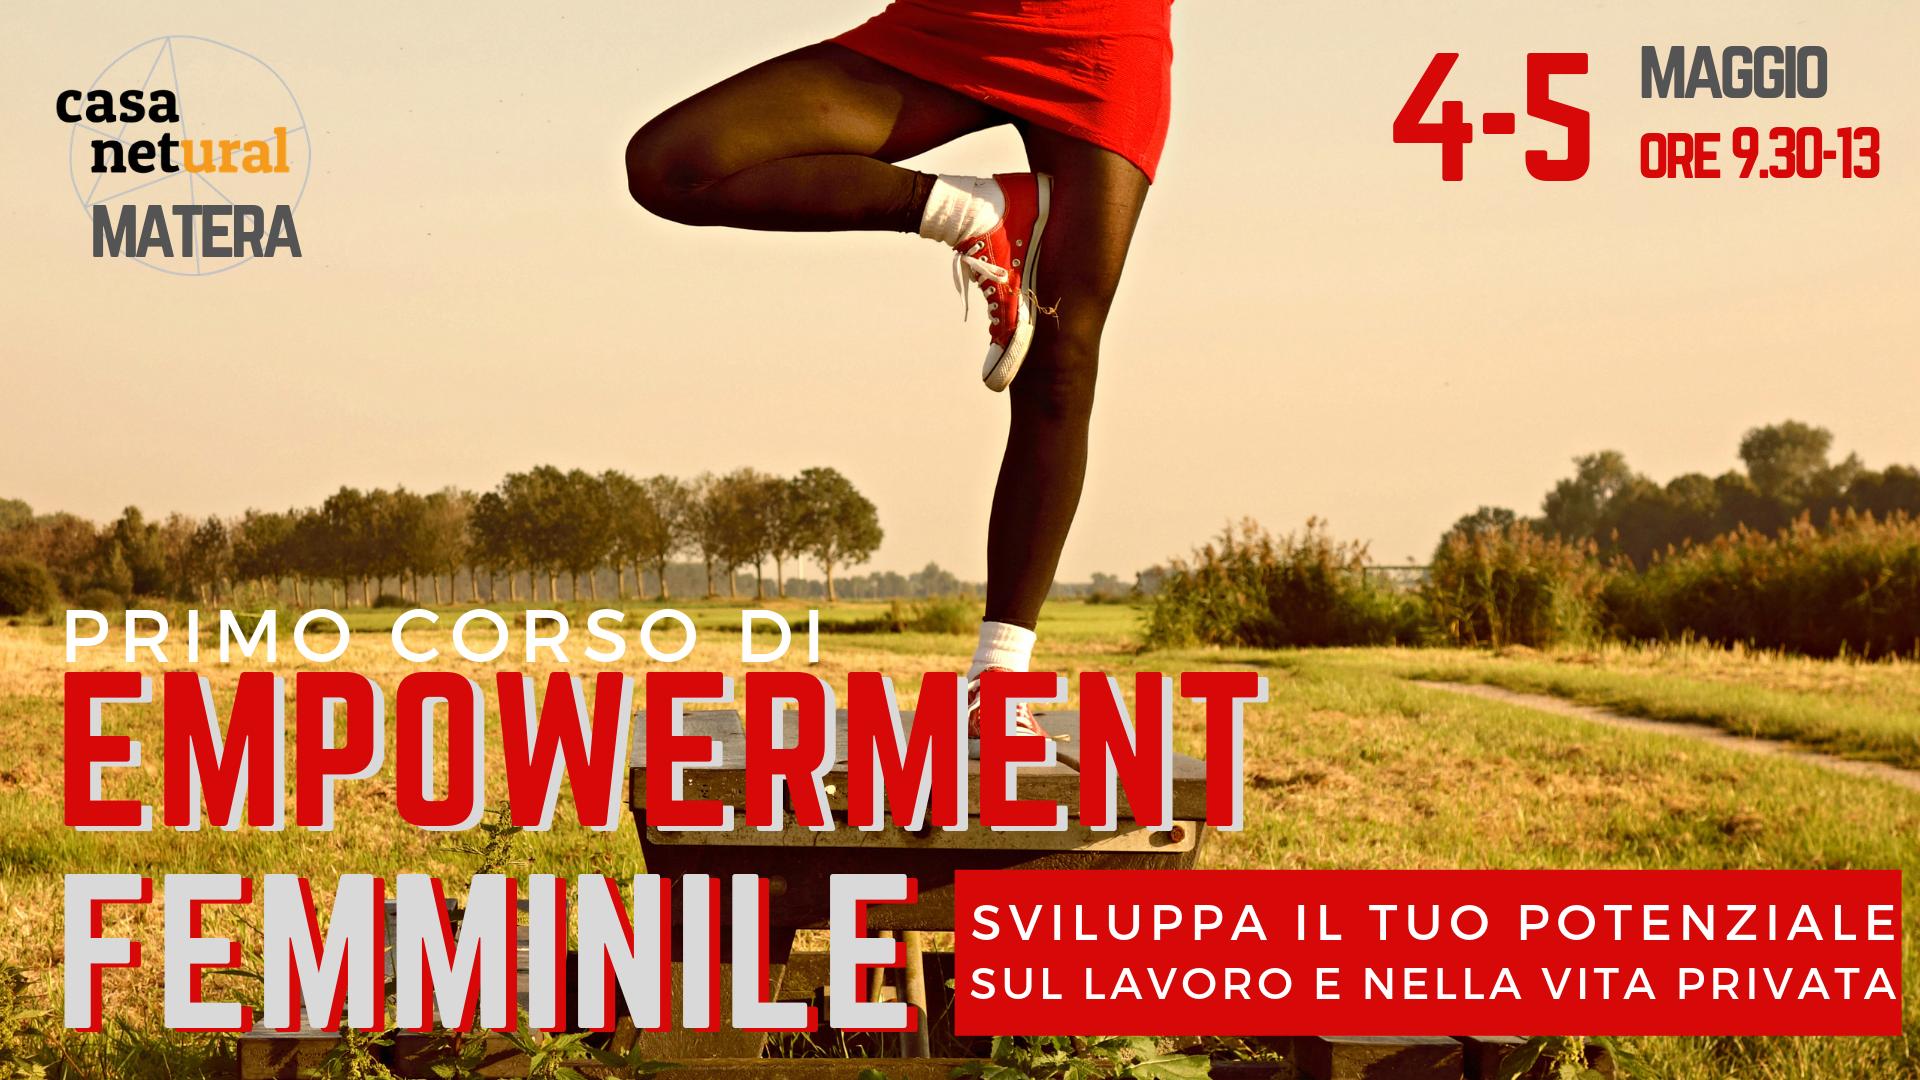 Corso di empowerment femminile a Matera